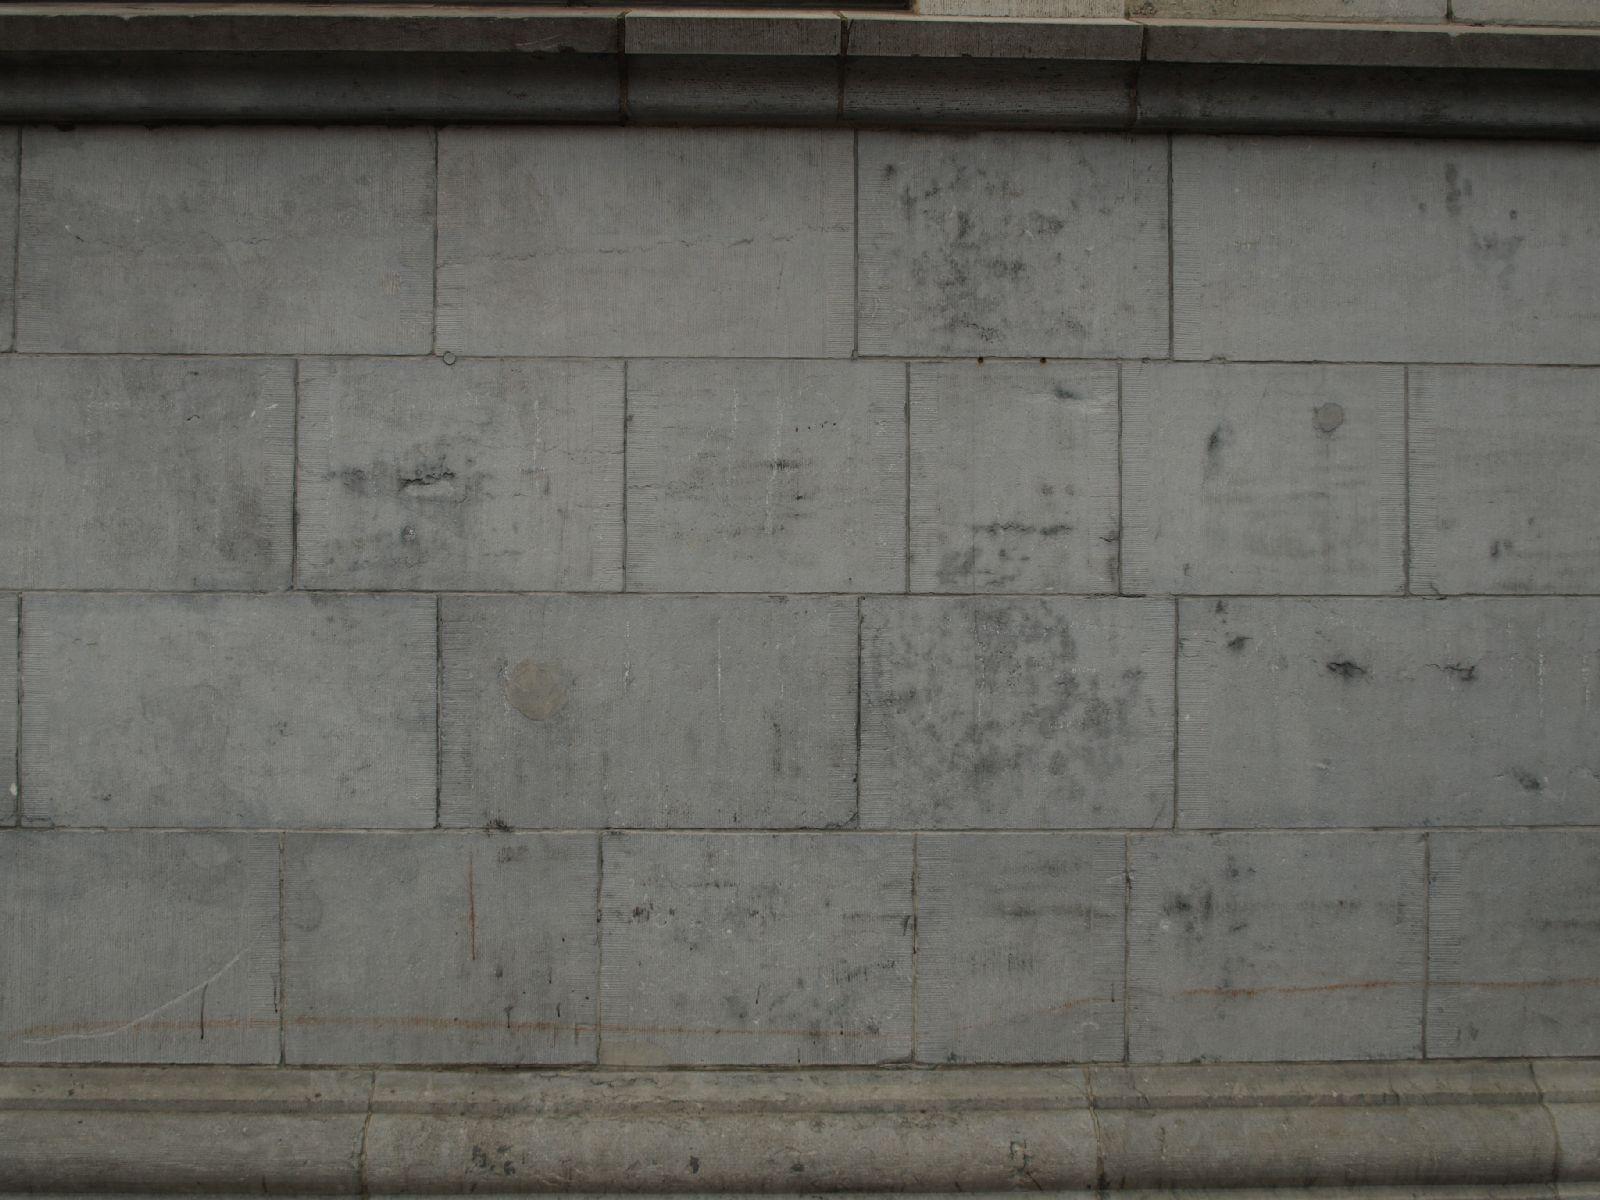 Wand-Steinbloecke-Quader_Textur_A_P1249865